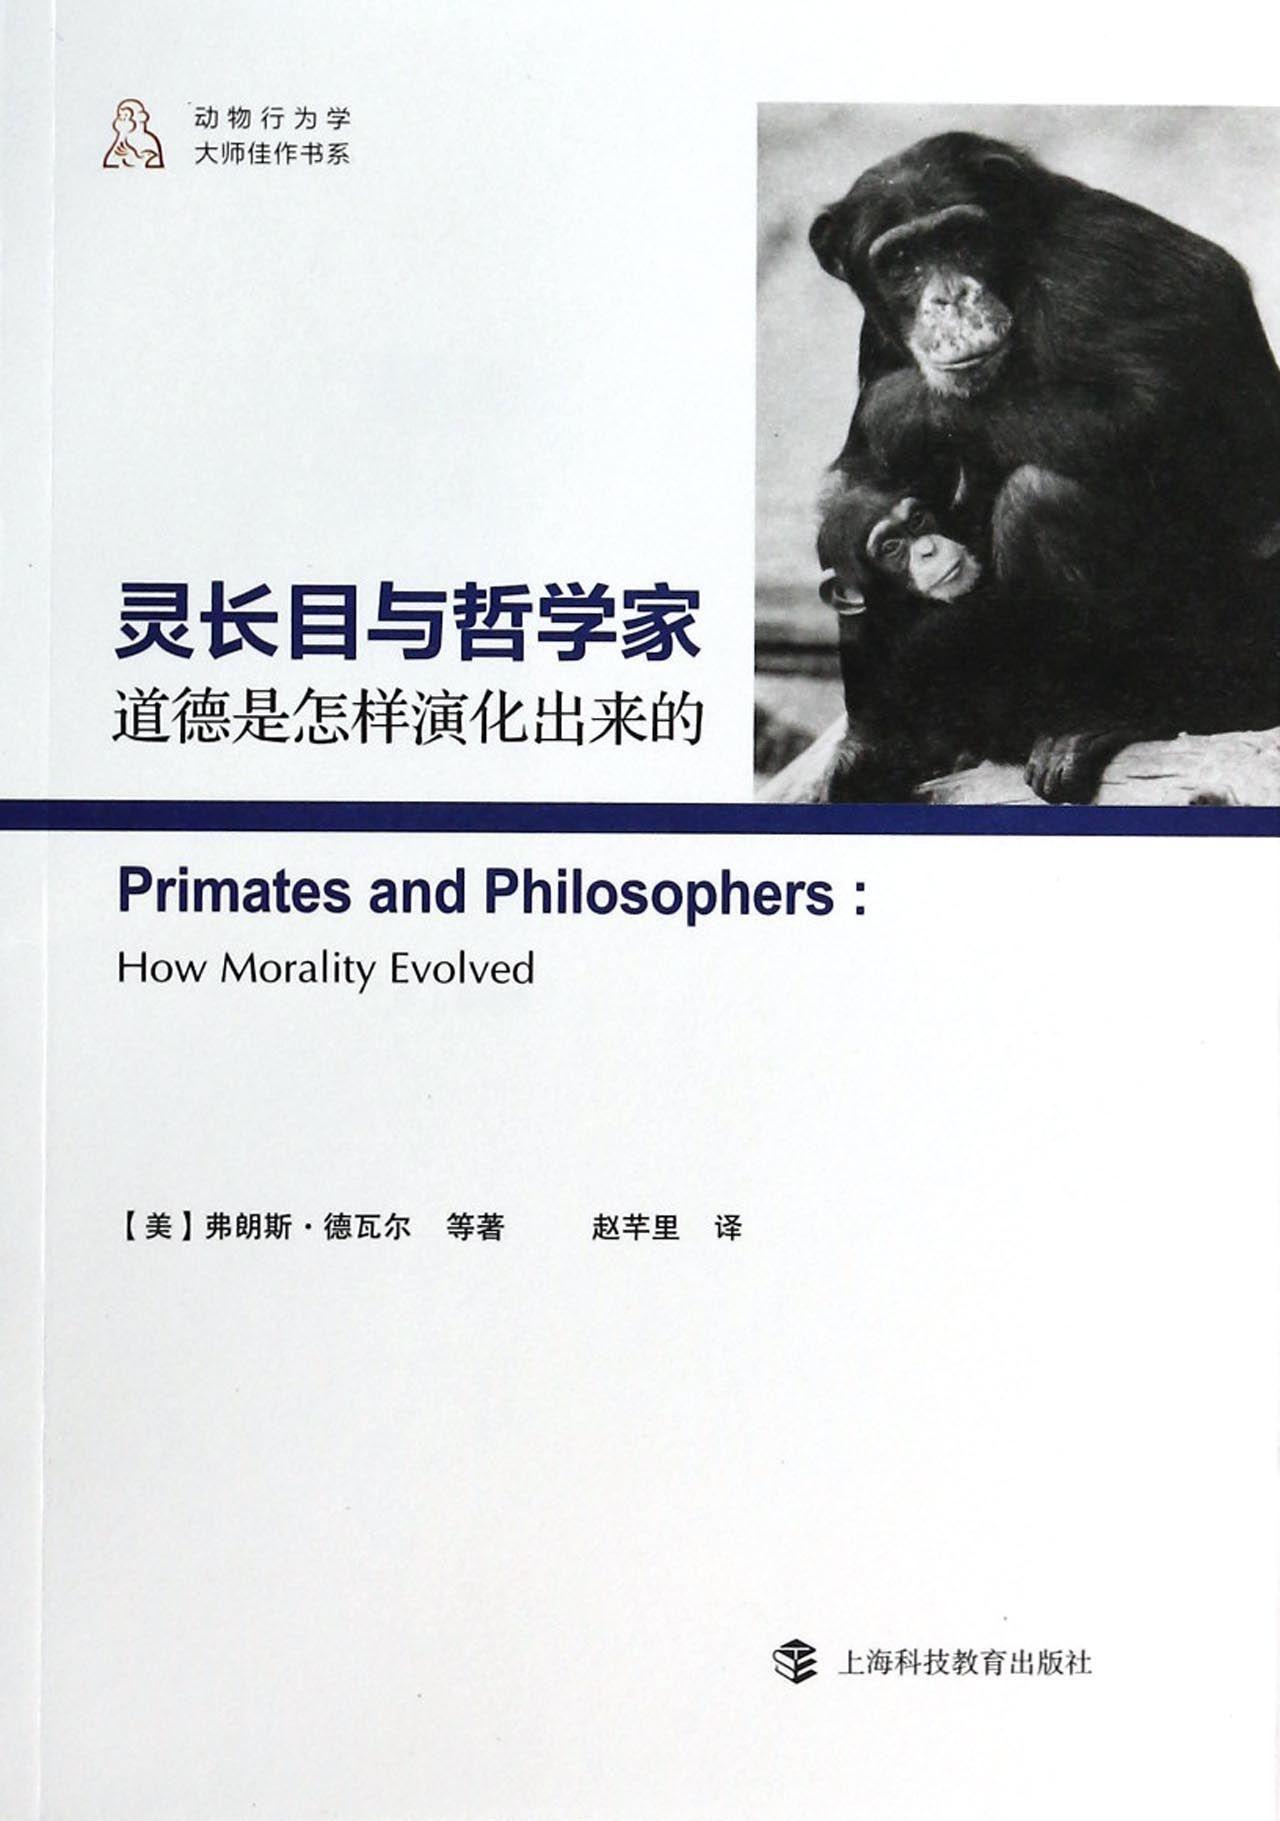 灵长目与哲学家(道德是怎样演化出来的)